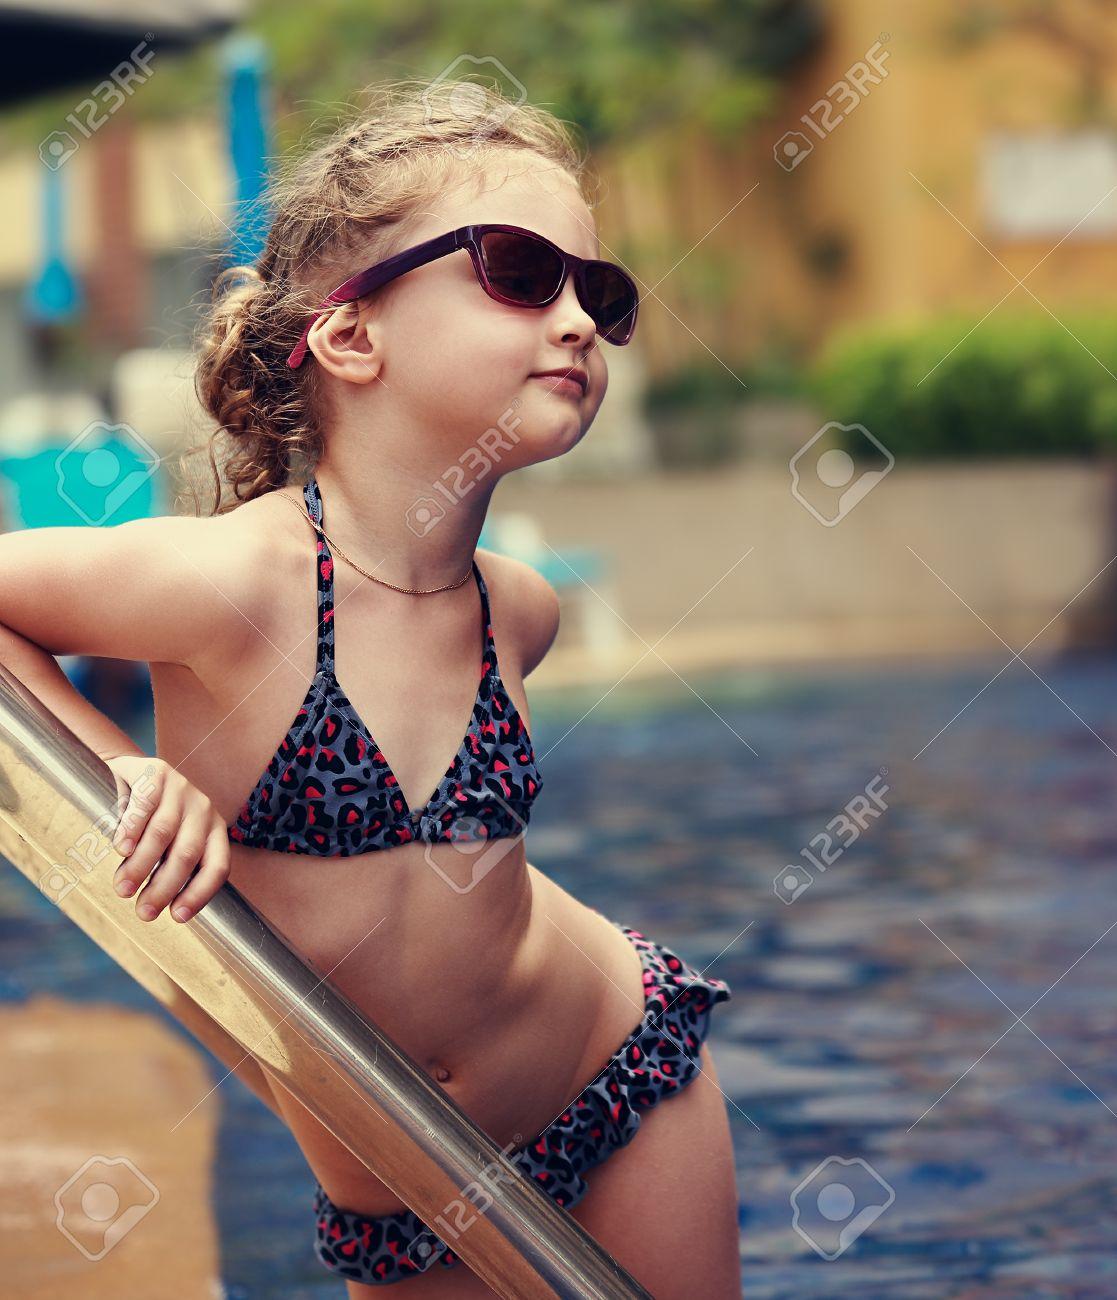 archivio fotografico poco modello femminile in posa in moda per bambini occhiali da sole e costume da bagno vicino alla piscina ritratto del primo piano